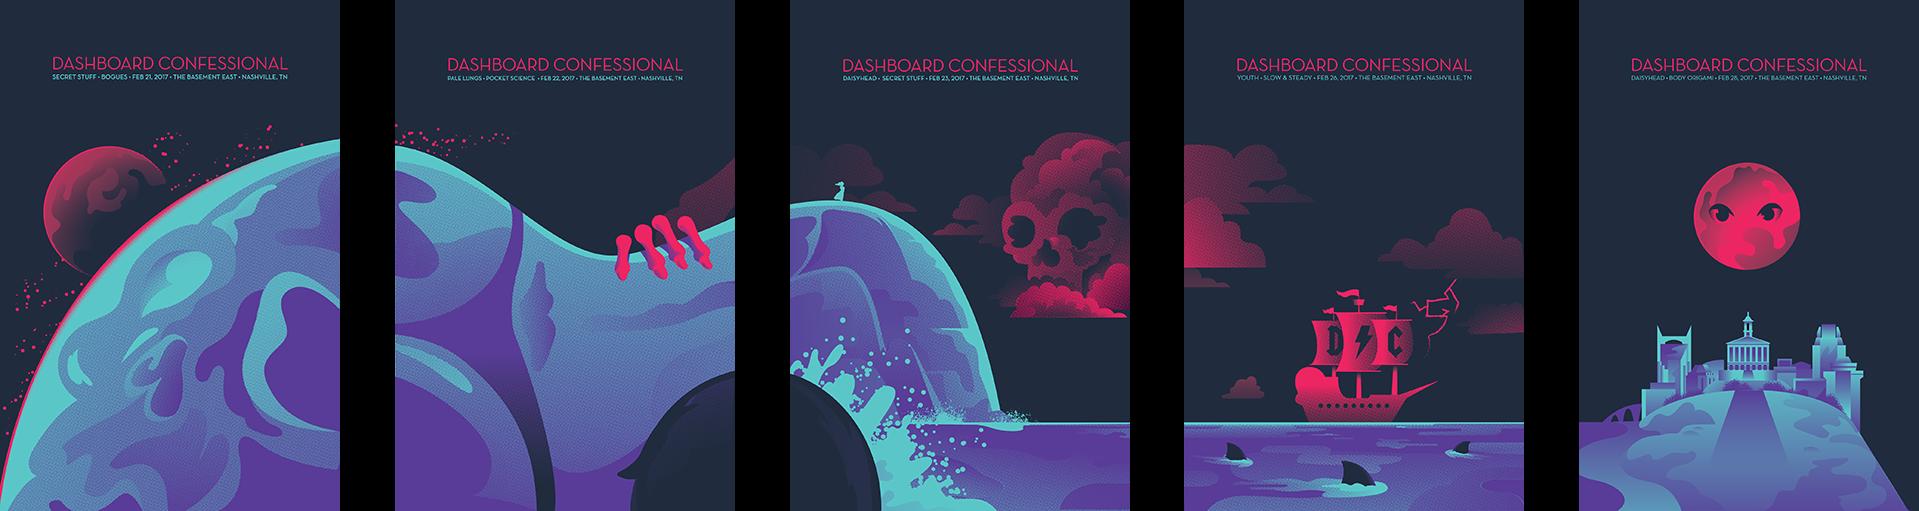 DashboardConfessional_Full